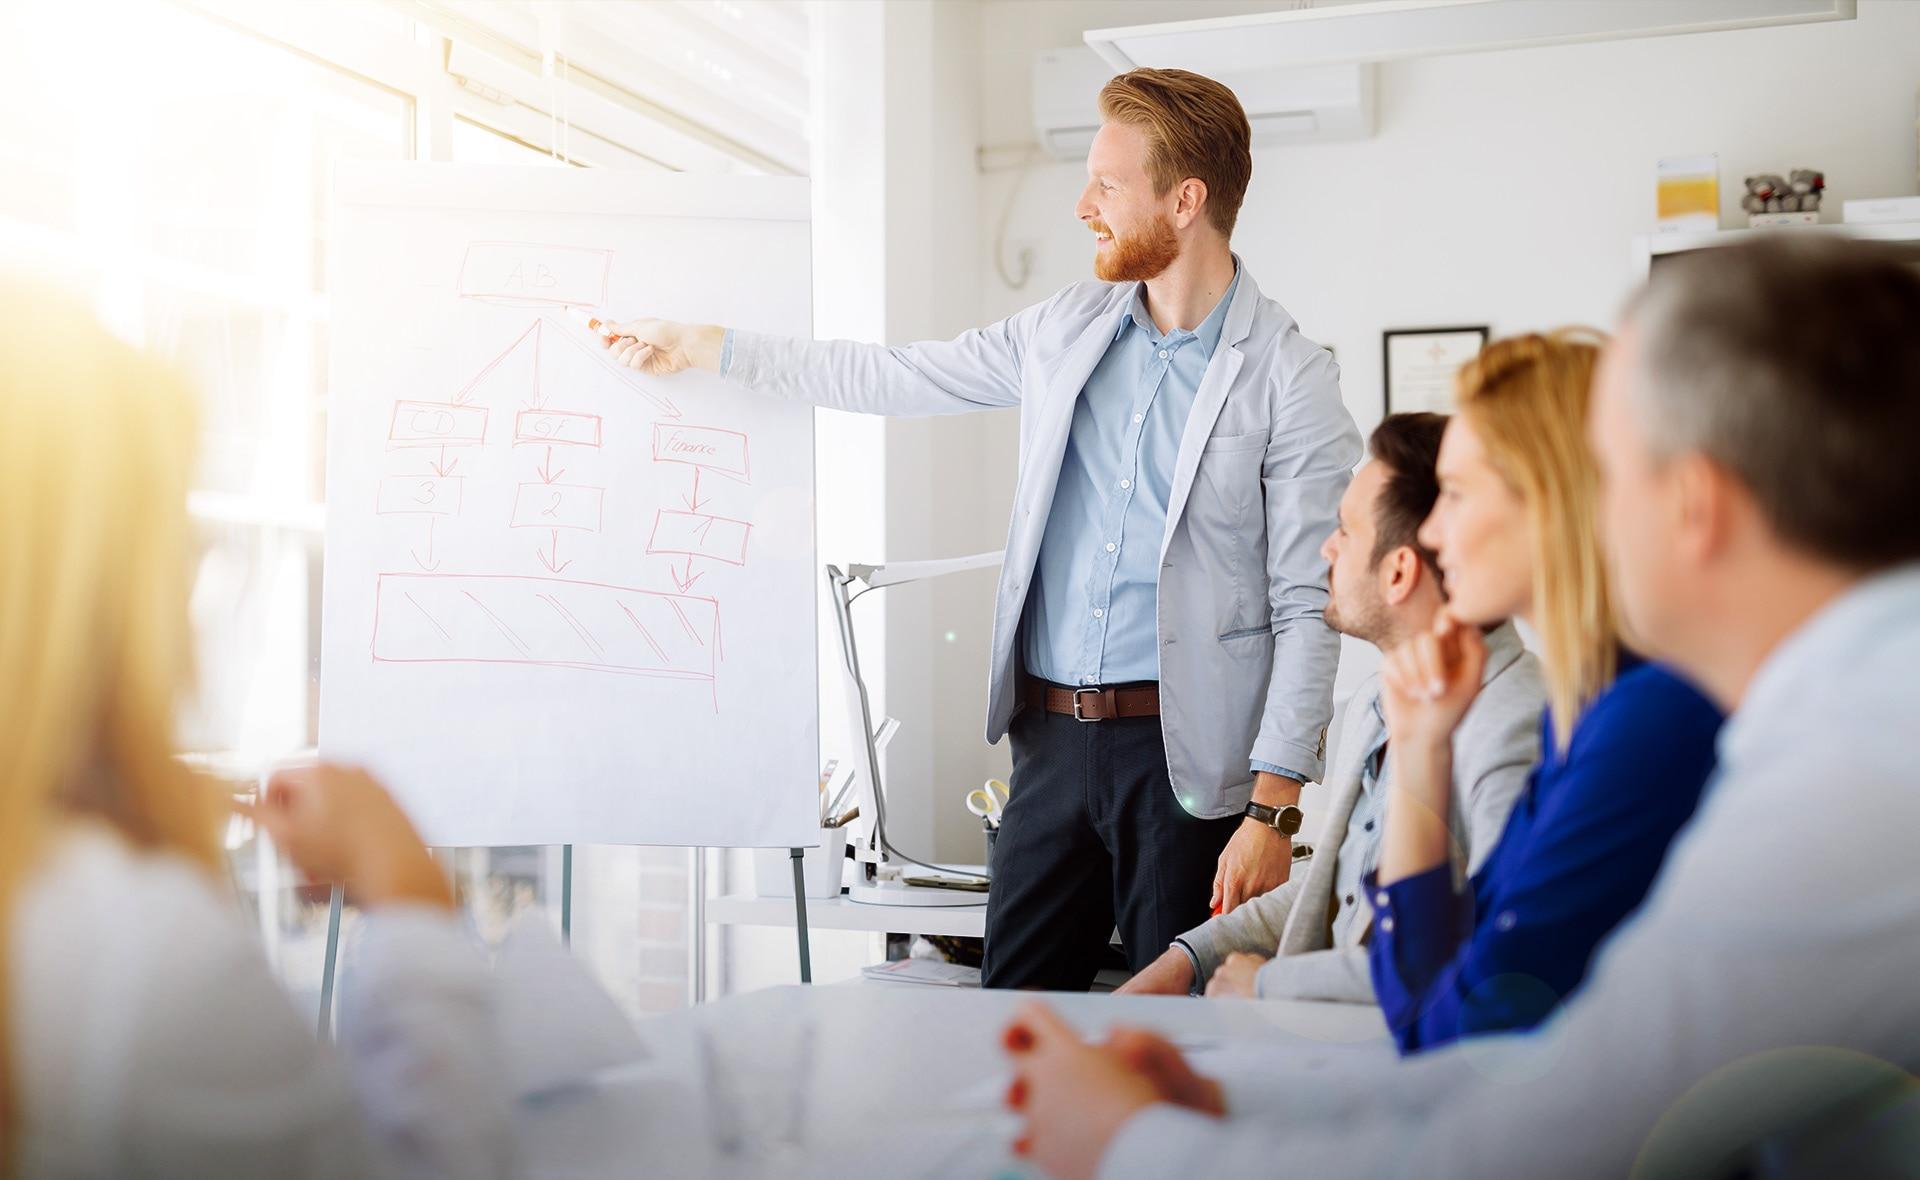 diseñar-estrategias-innovación-BBVA-empresas-pymes-equipo-digital-agile-trabajo